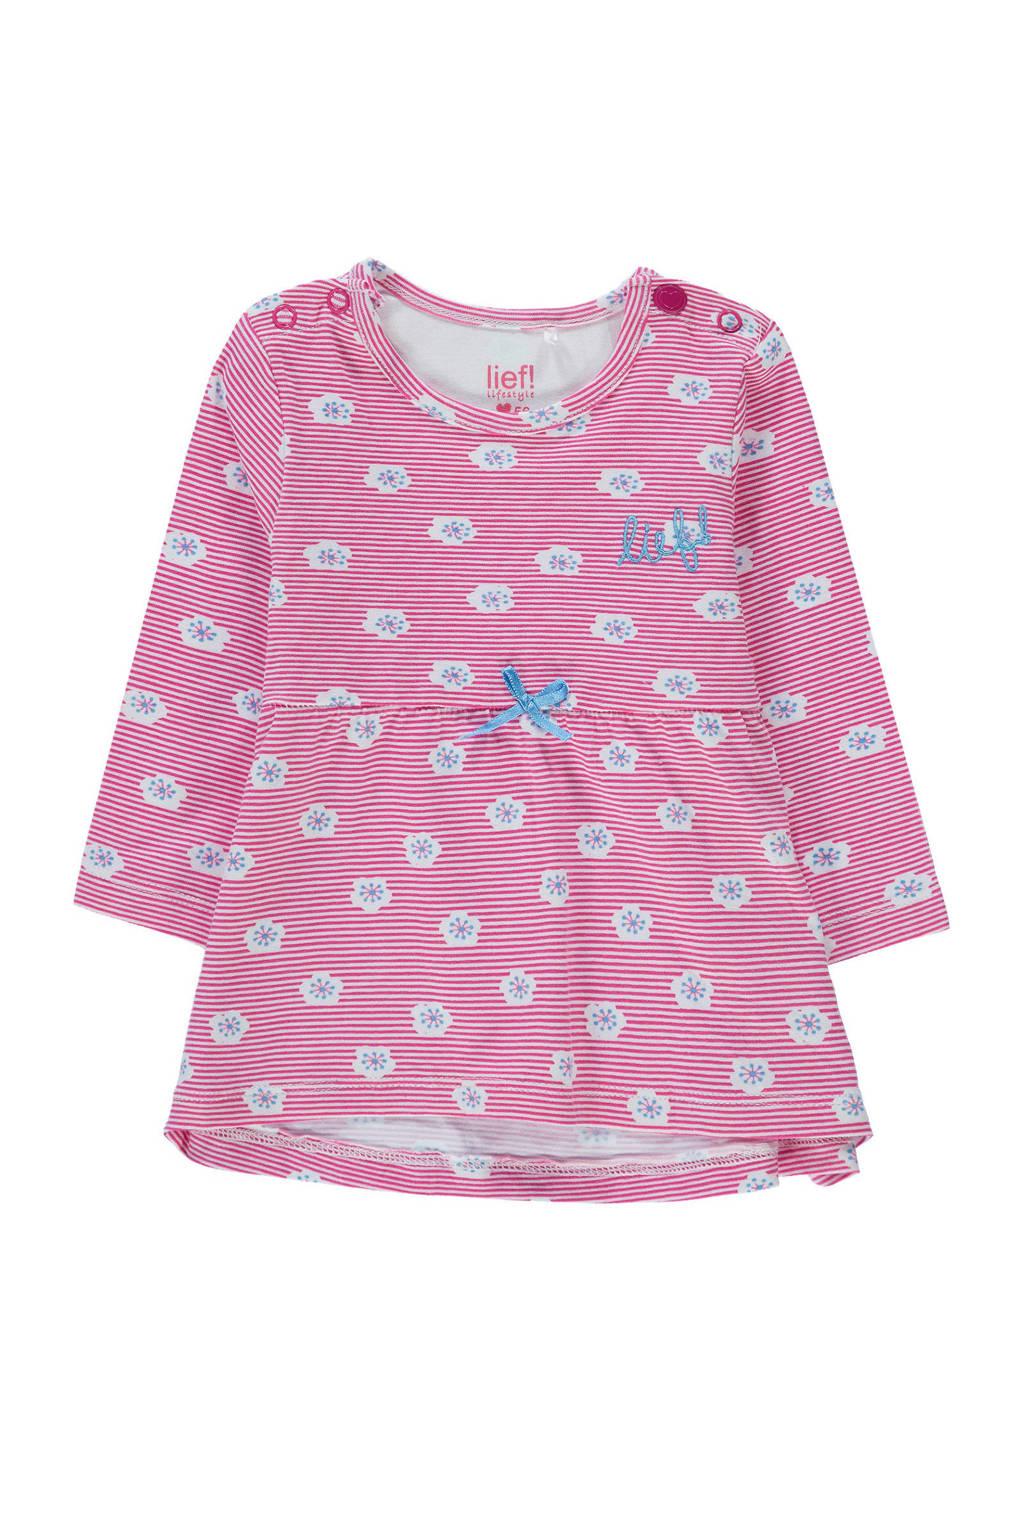 lief! baby jurk met all over print roze/wit, Roze/wit/blauw